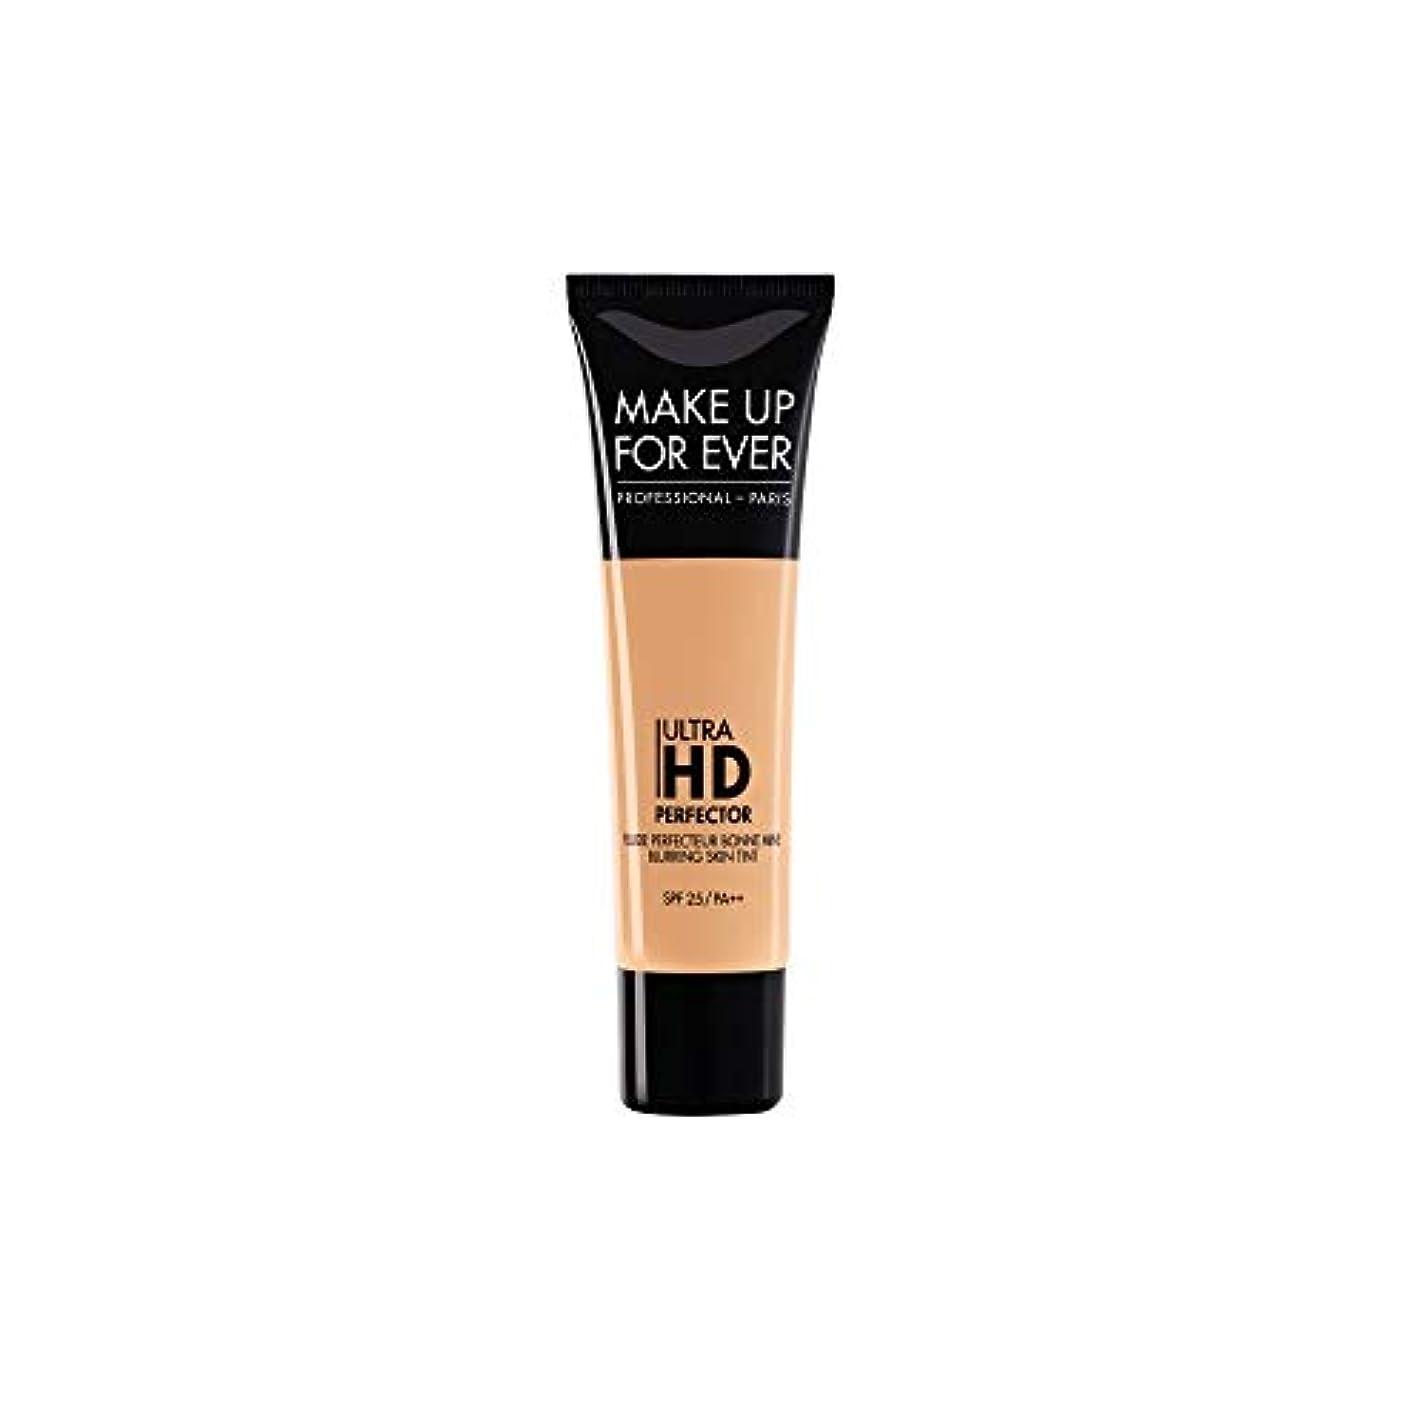 通知産地フロントメイクアップフォーエバー Ultra HD Perfector Blurring Skin Tint SPF25 - # 07 Golden Apricot 30ml/1.01oz並行輸入品